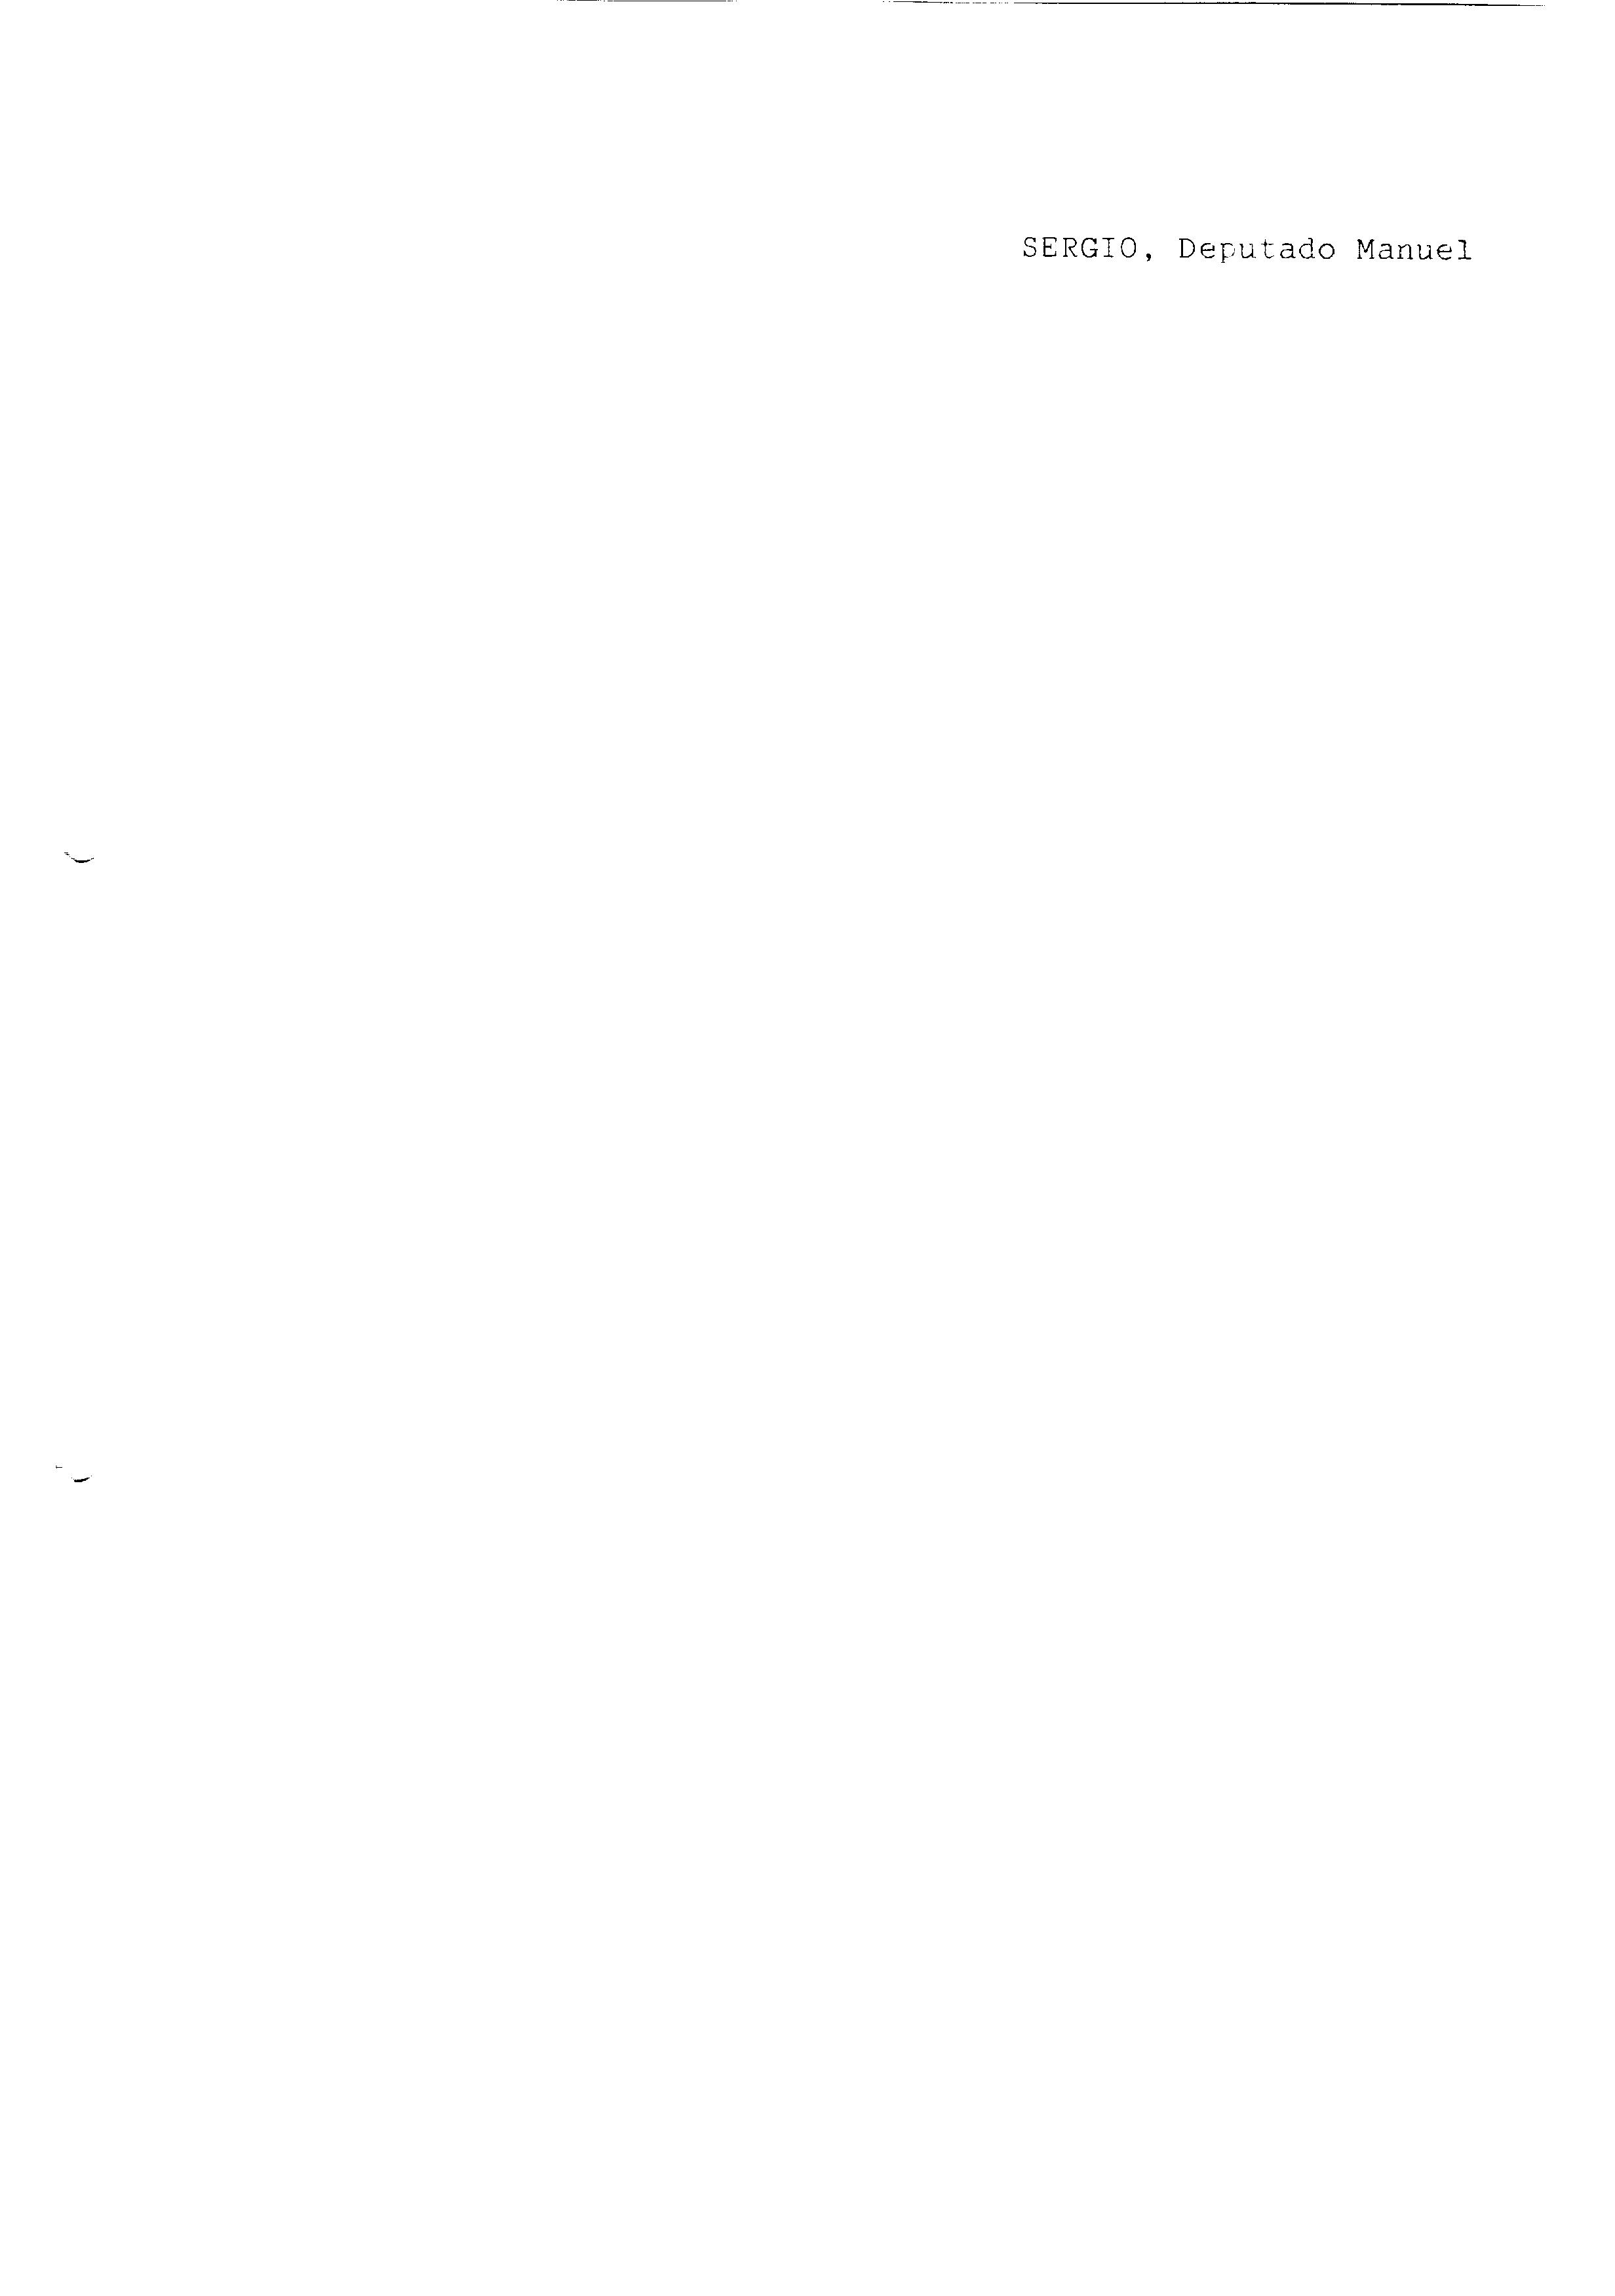 02004.017- pag.1